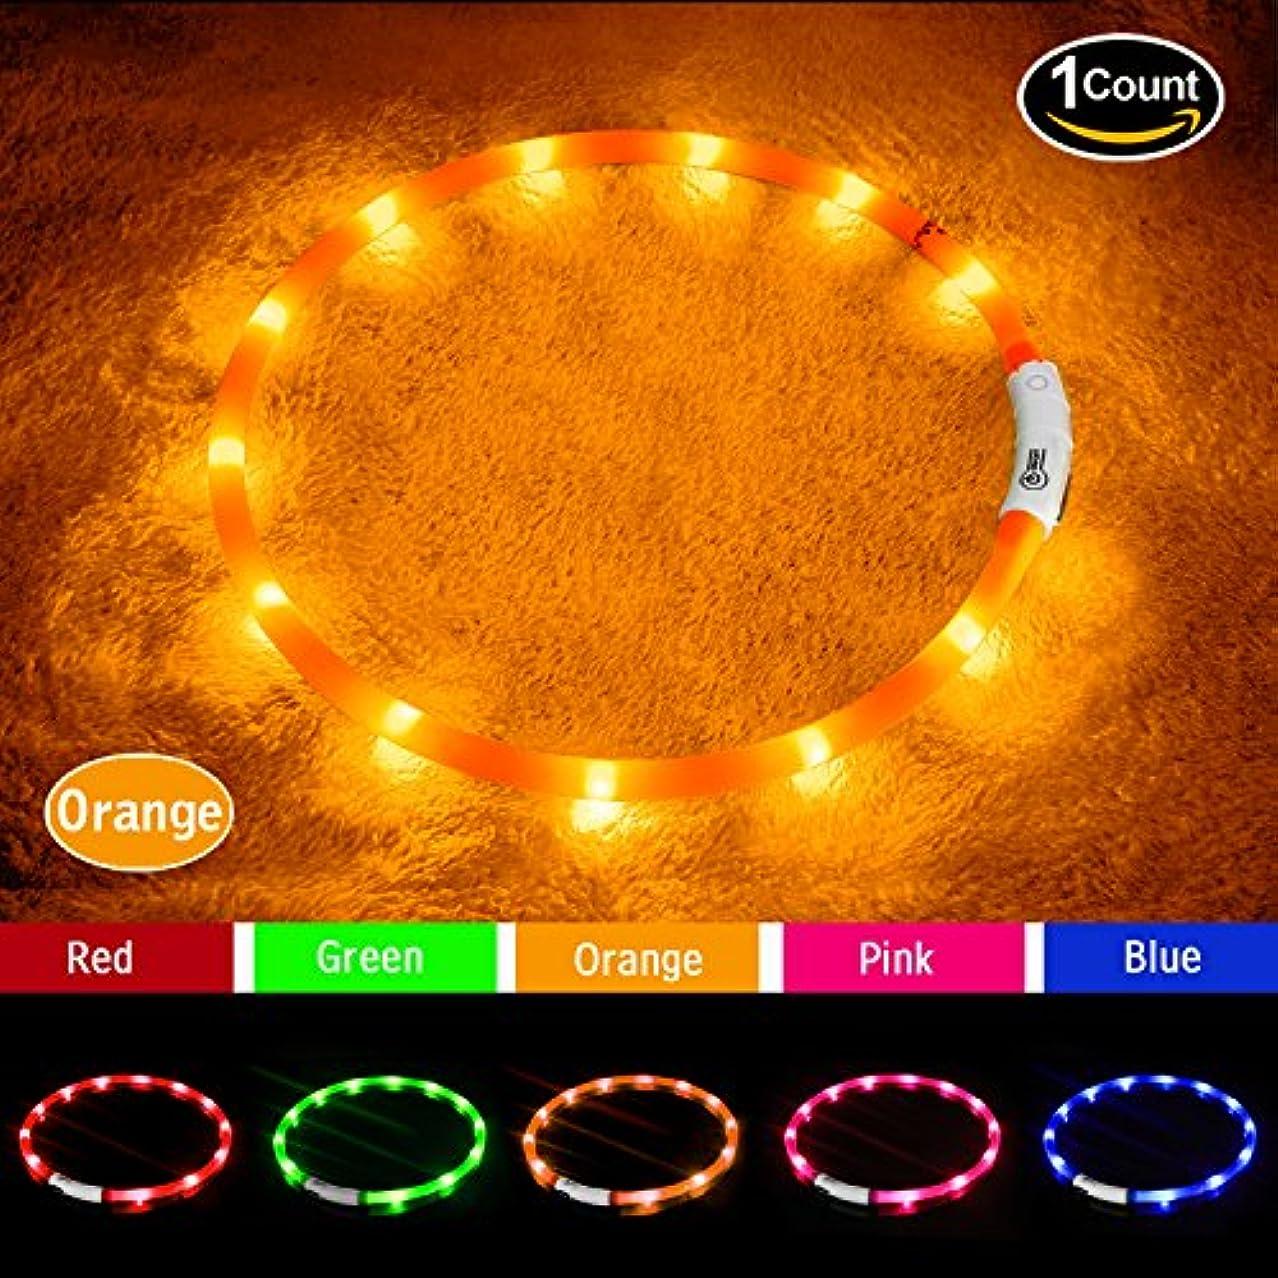 嫌がる受け入れるピグマリオンLED光る首輪, USB 再充電 ドッグ カラー 12個のLEDライト [500m先から目視可能] ペット 夜間 安全性 [3種類のライトモードを搭載] 防水 スモール ミディアム ラージ (オレンジ)